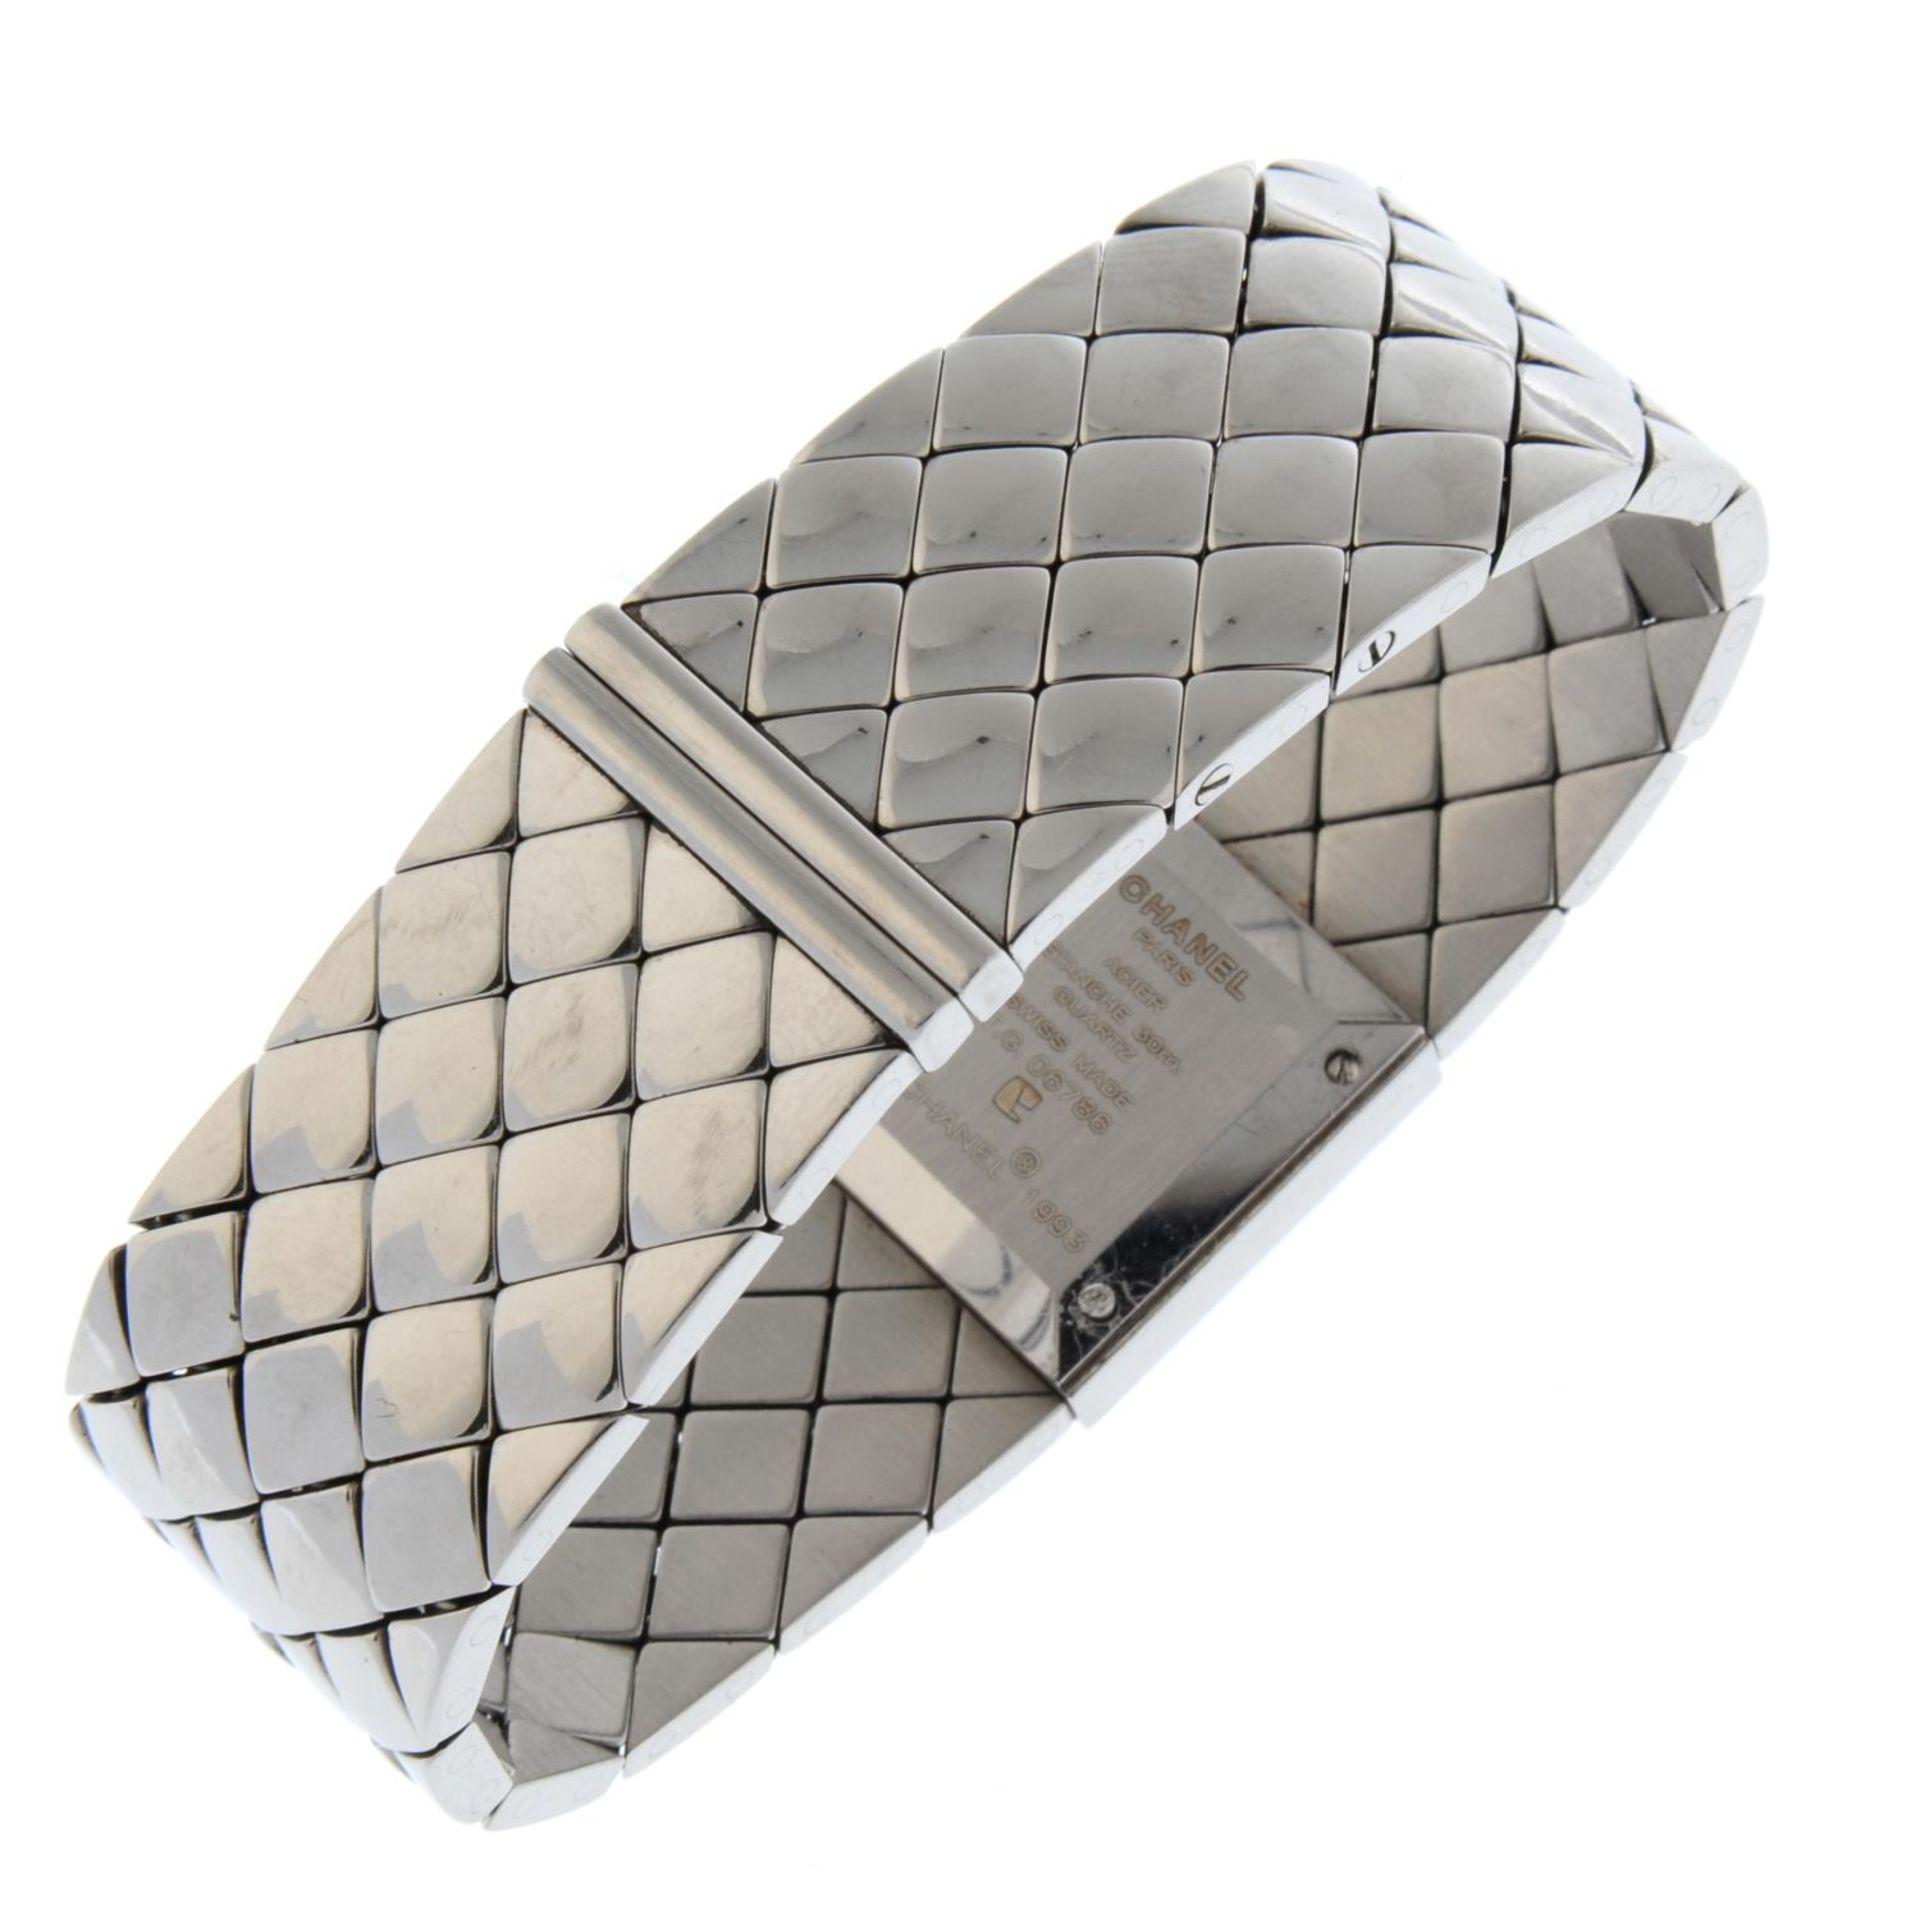 CHANEL - an Acier Etanche bracelet watch. - Bild 2 aus 5